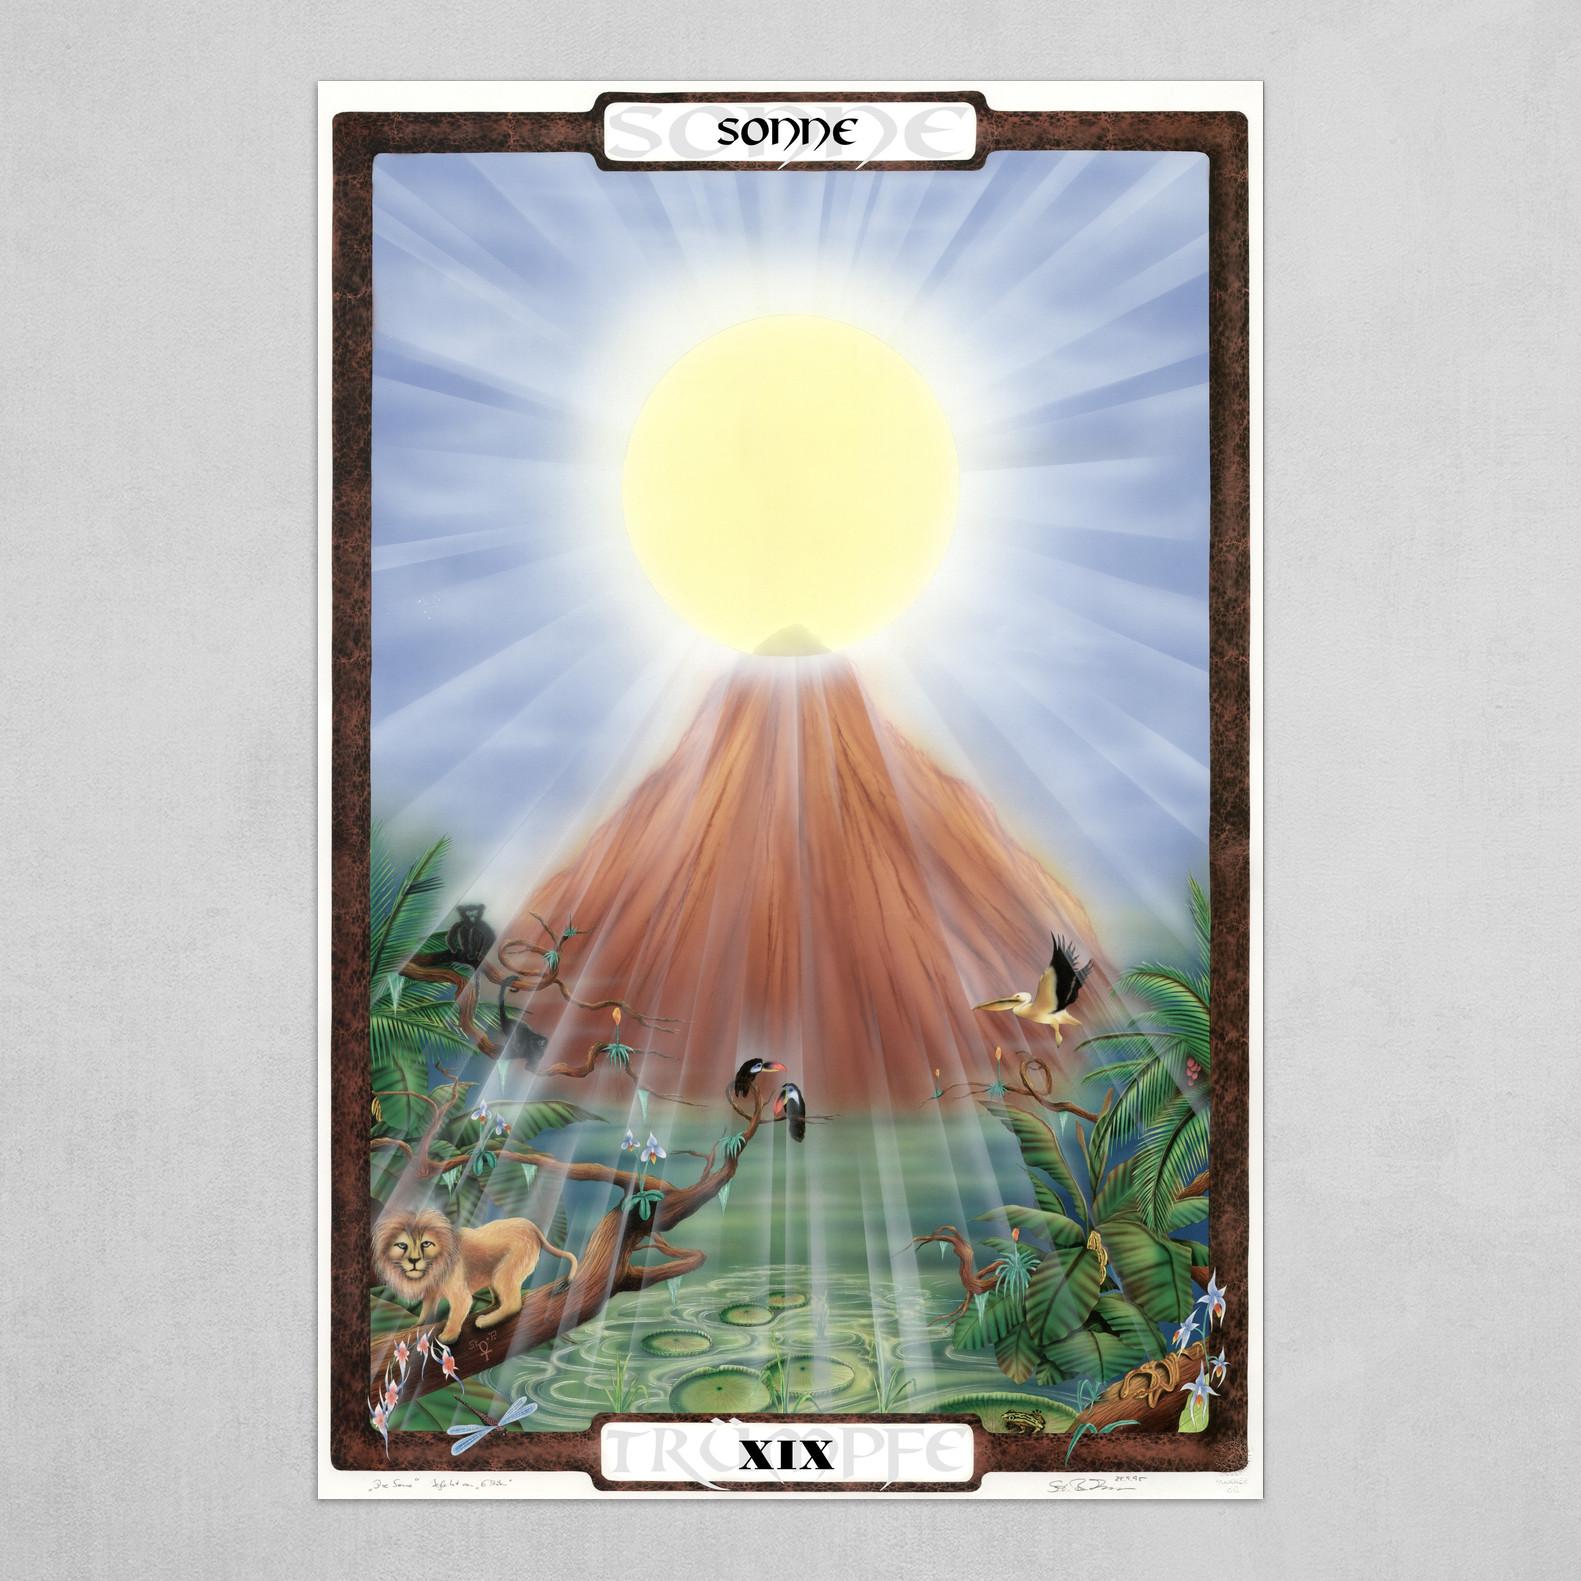 Die Sonne - The Sun